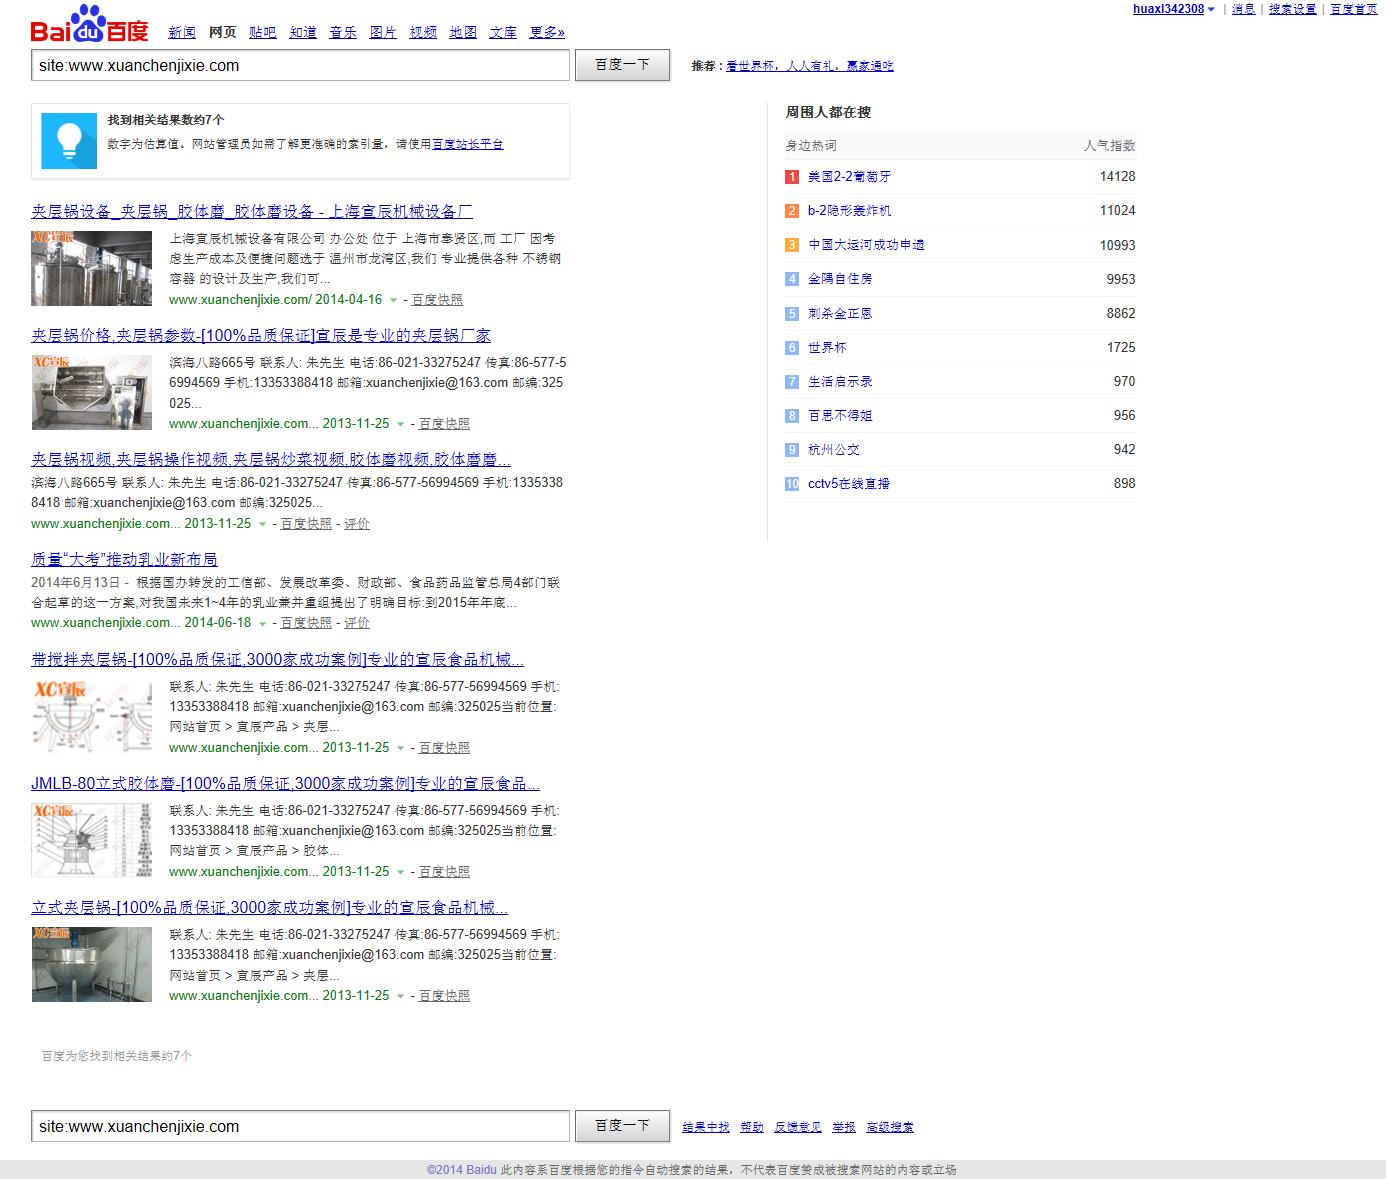 site域名最近是不是有很大的变动吗??我的几个站收录240到了7条,索引不变